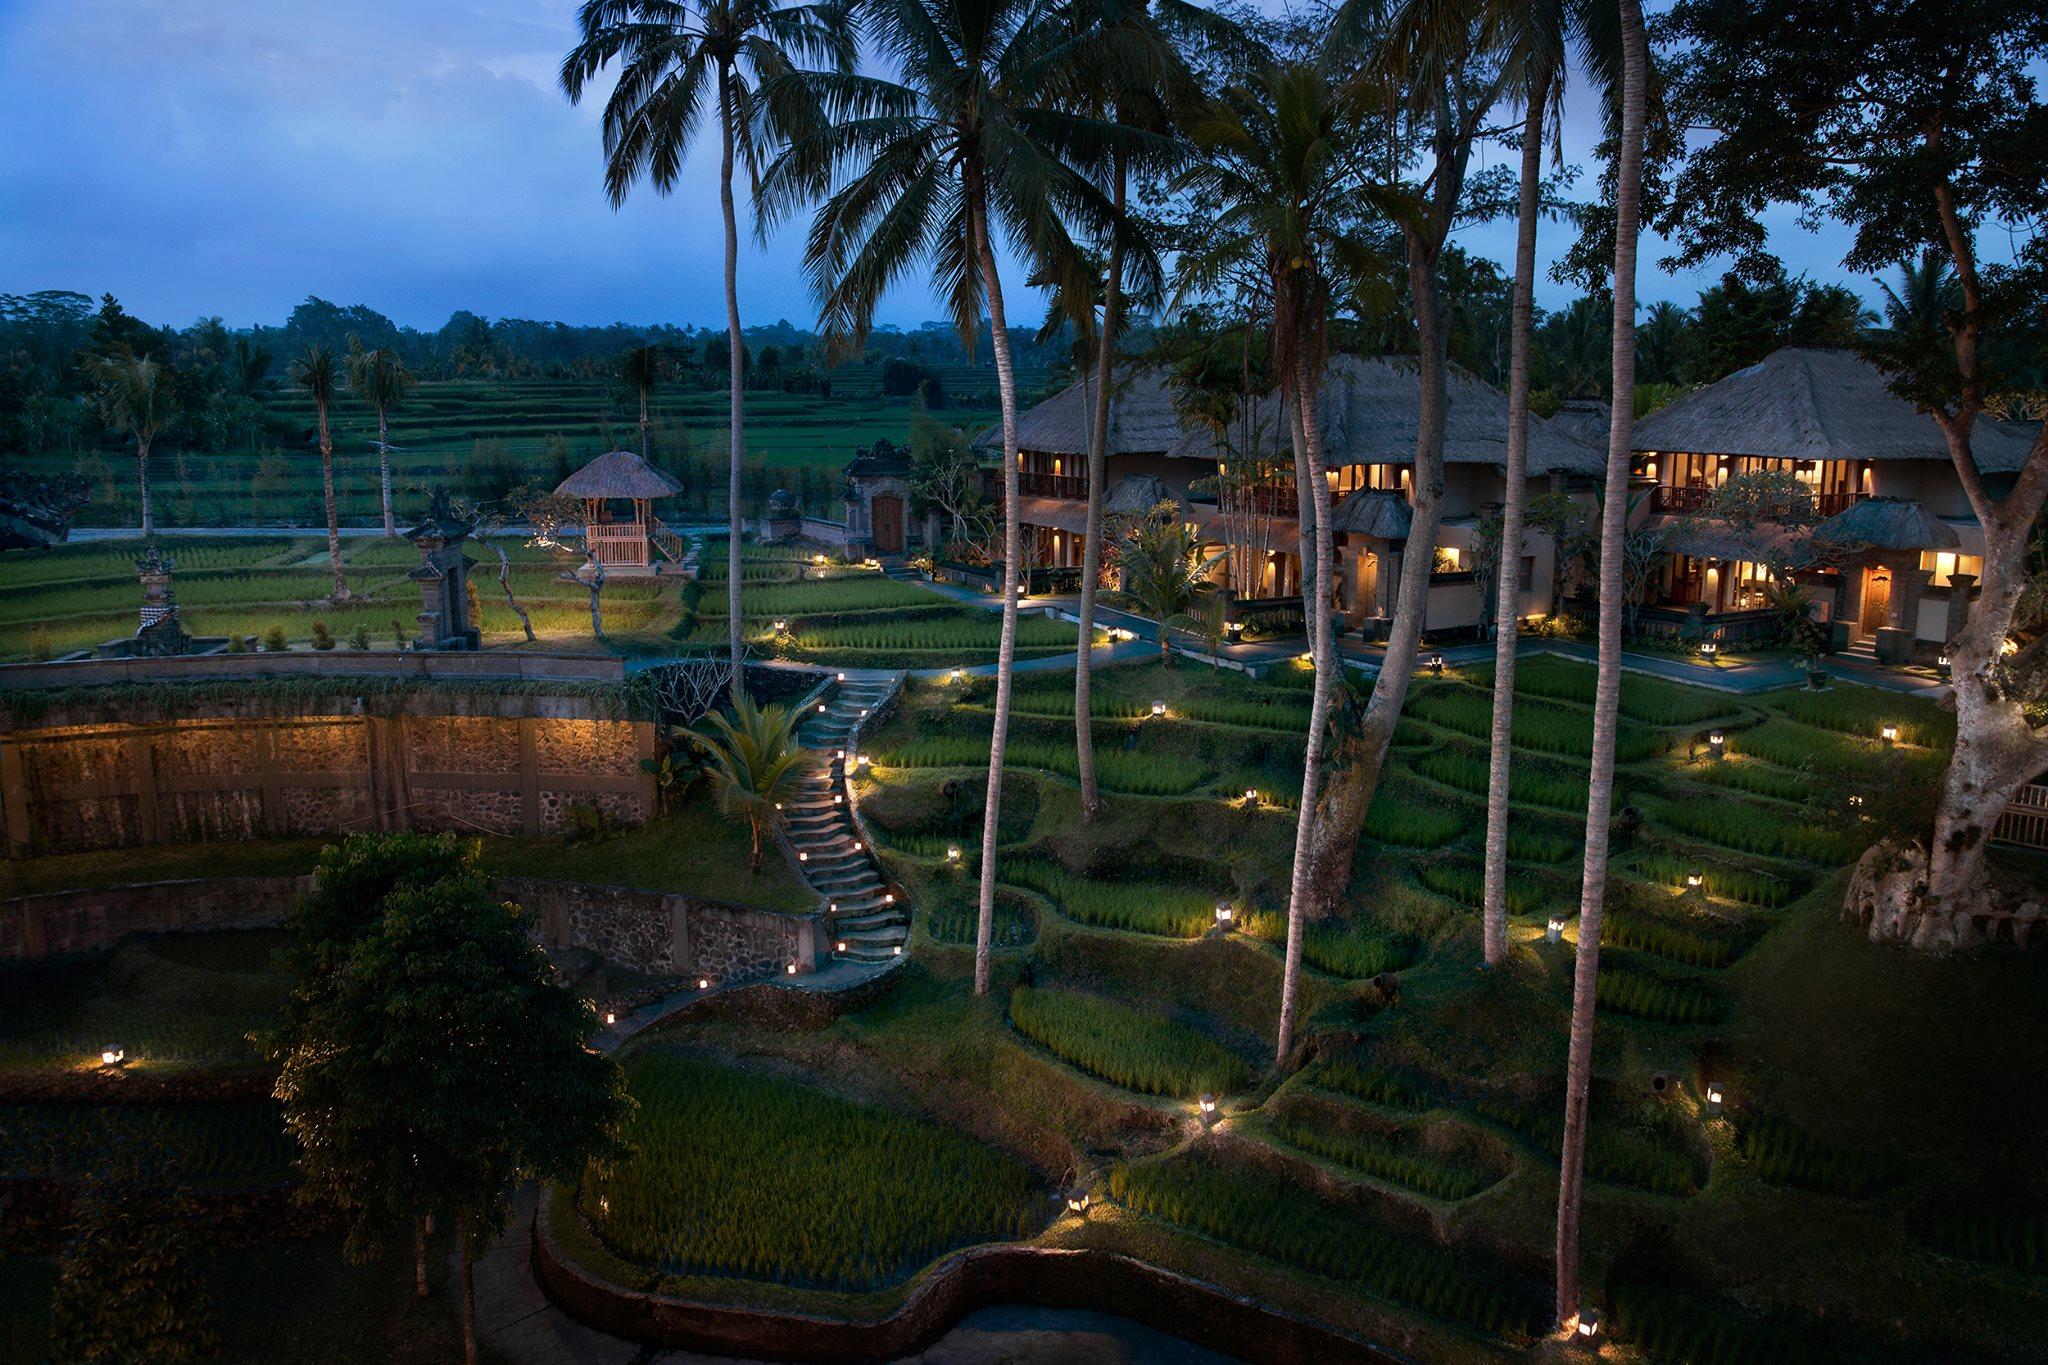 kamandalu-ubud-retreat-center-indonesia-5